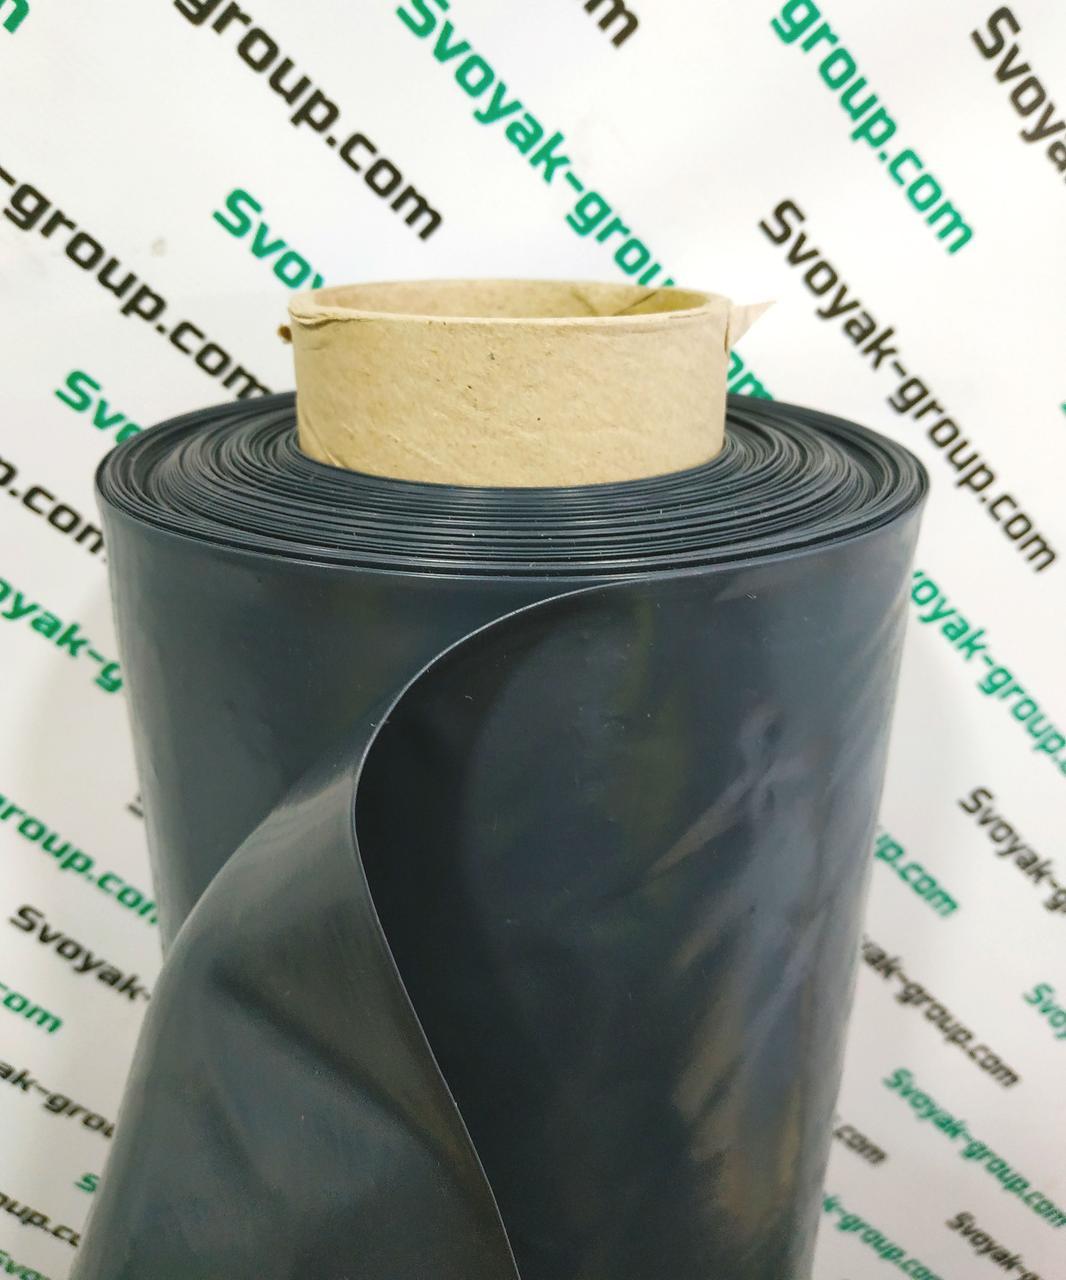 Пленка черная строительная 150 мкм, 3м.х50м.Полиэтиленовая ( для мульчирования, строительная).